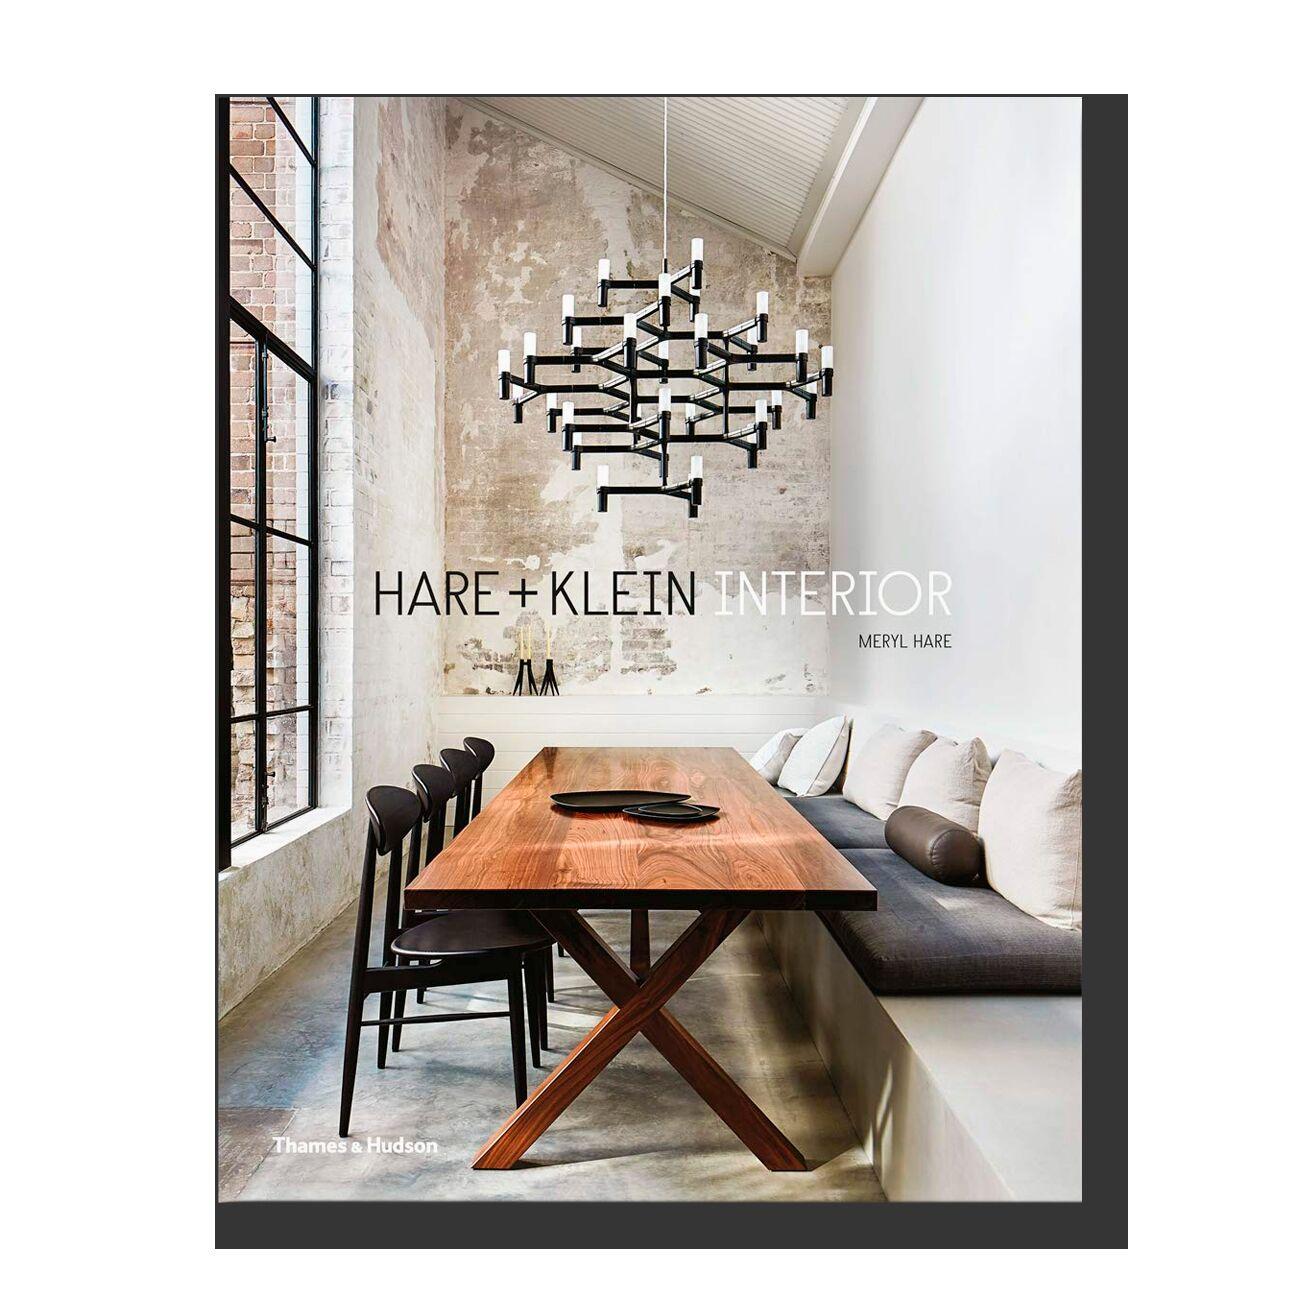 Hare + Klein Interior